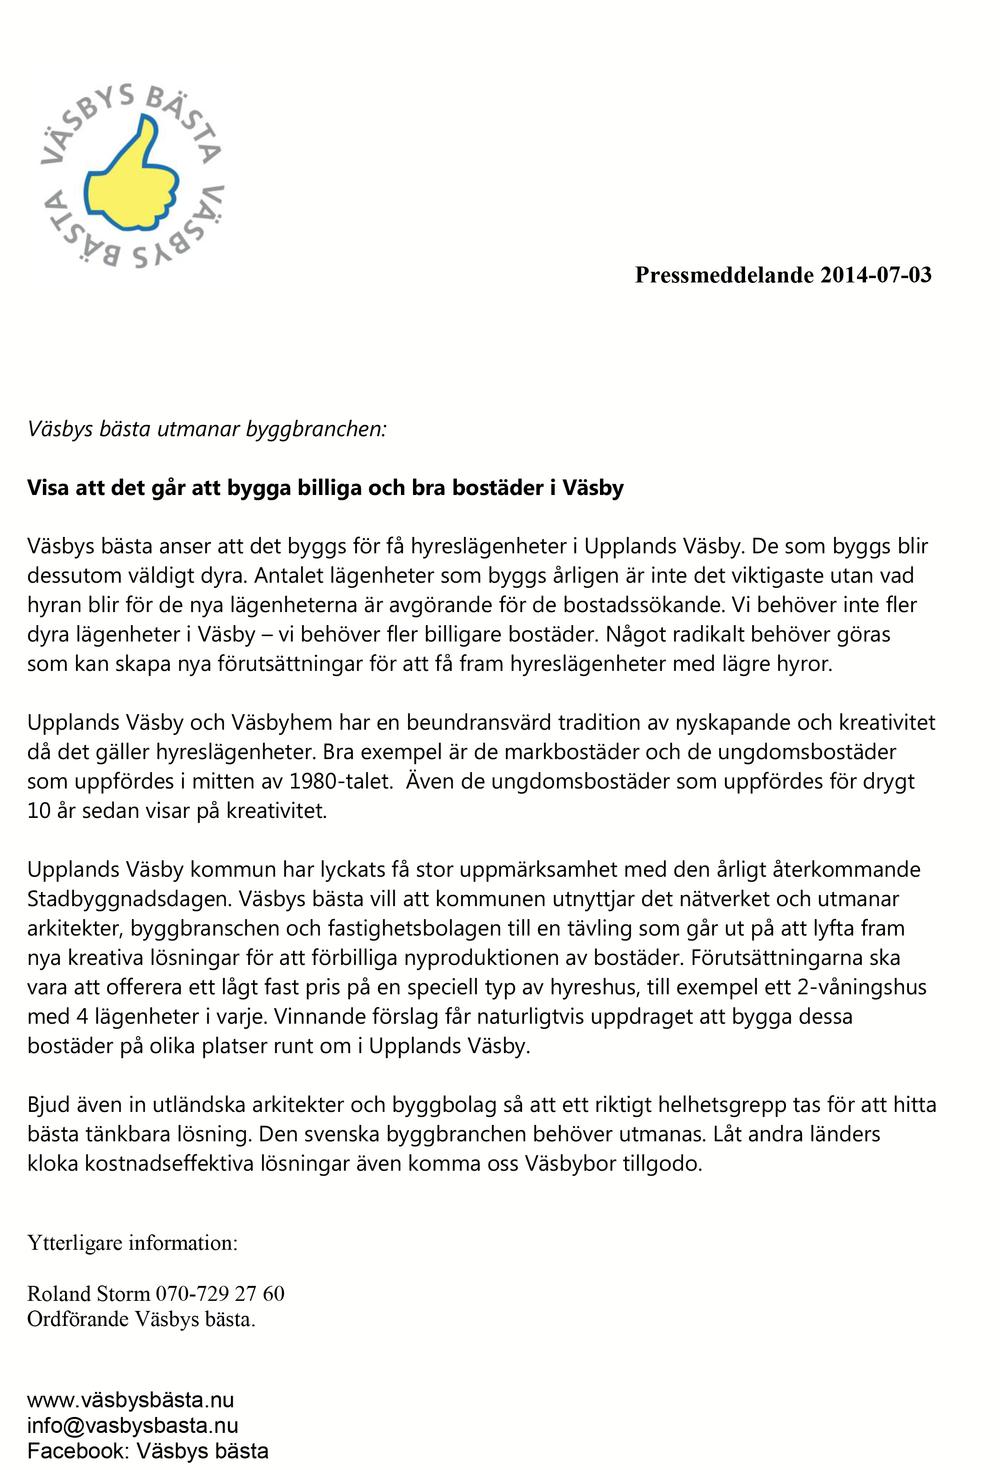 2014-07-03 Pressmeddelande Väsbys bästa utmanar byggbranschen kopiera.png